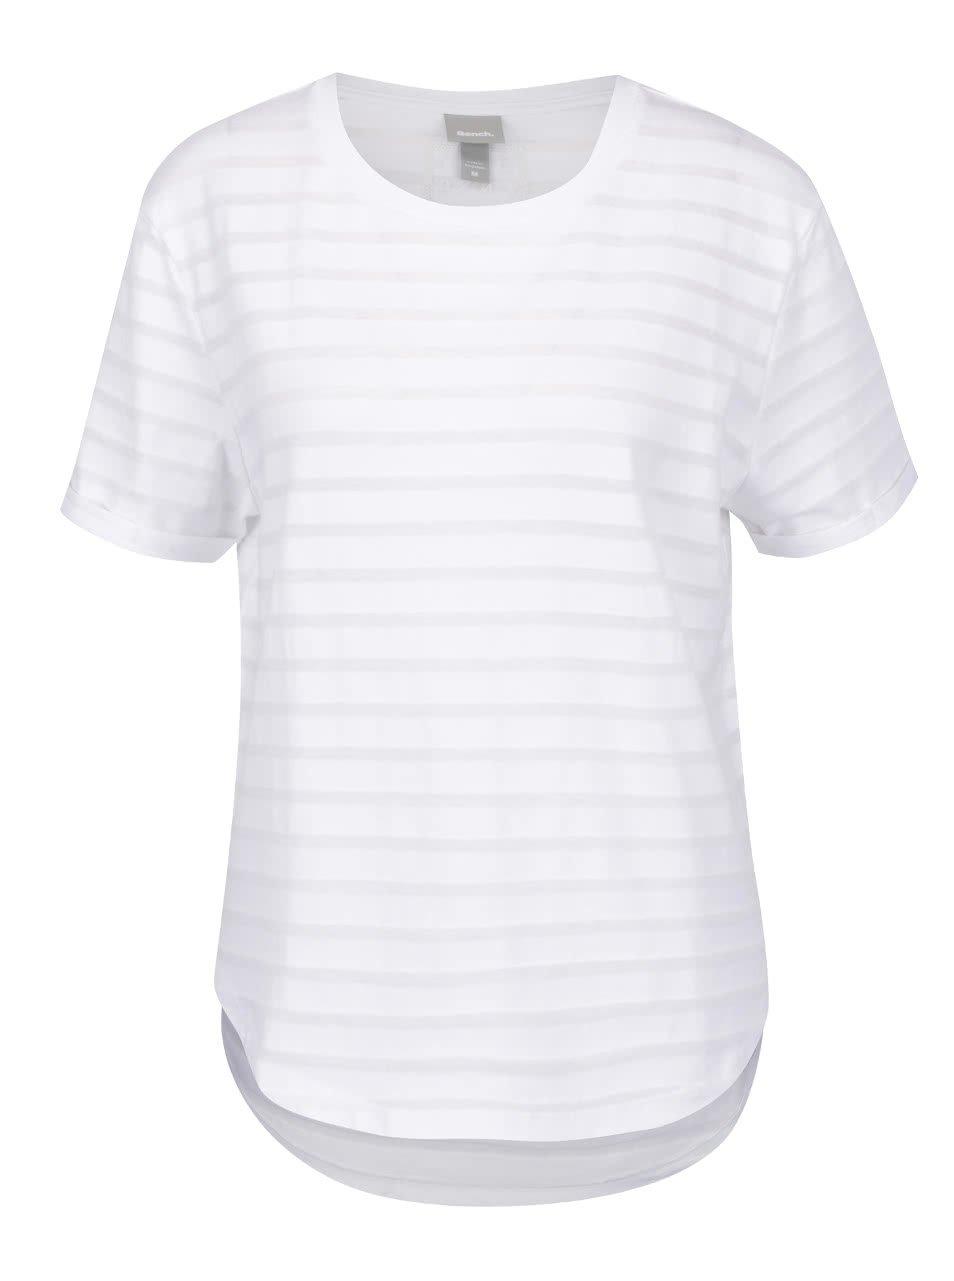 Bílé tričko s průsvitnými pruhy Bench